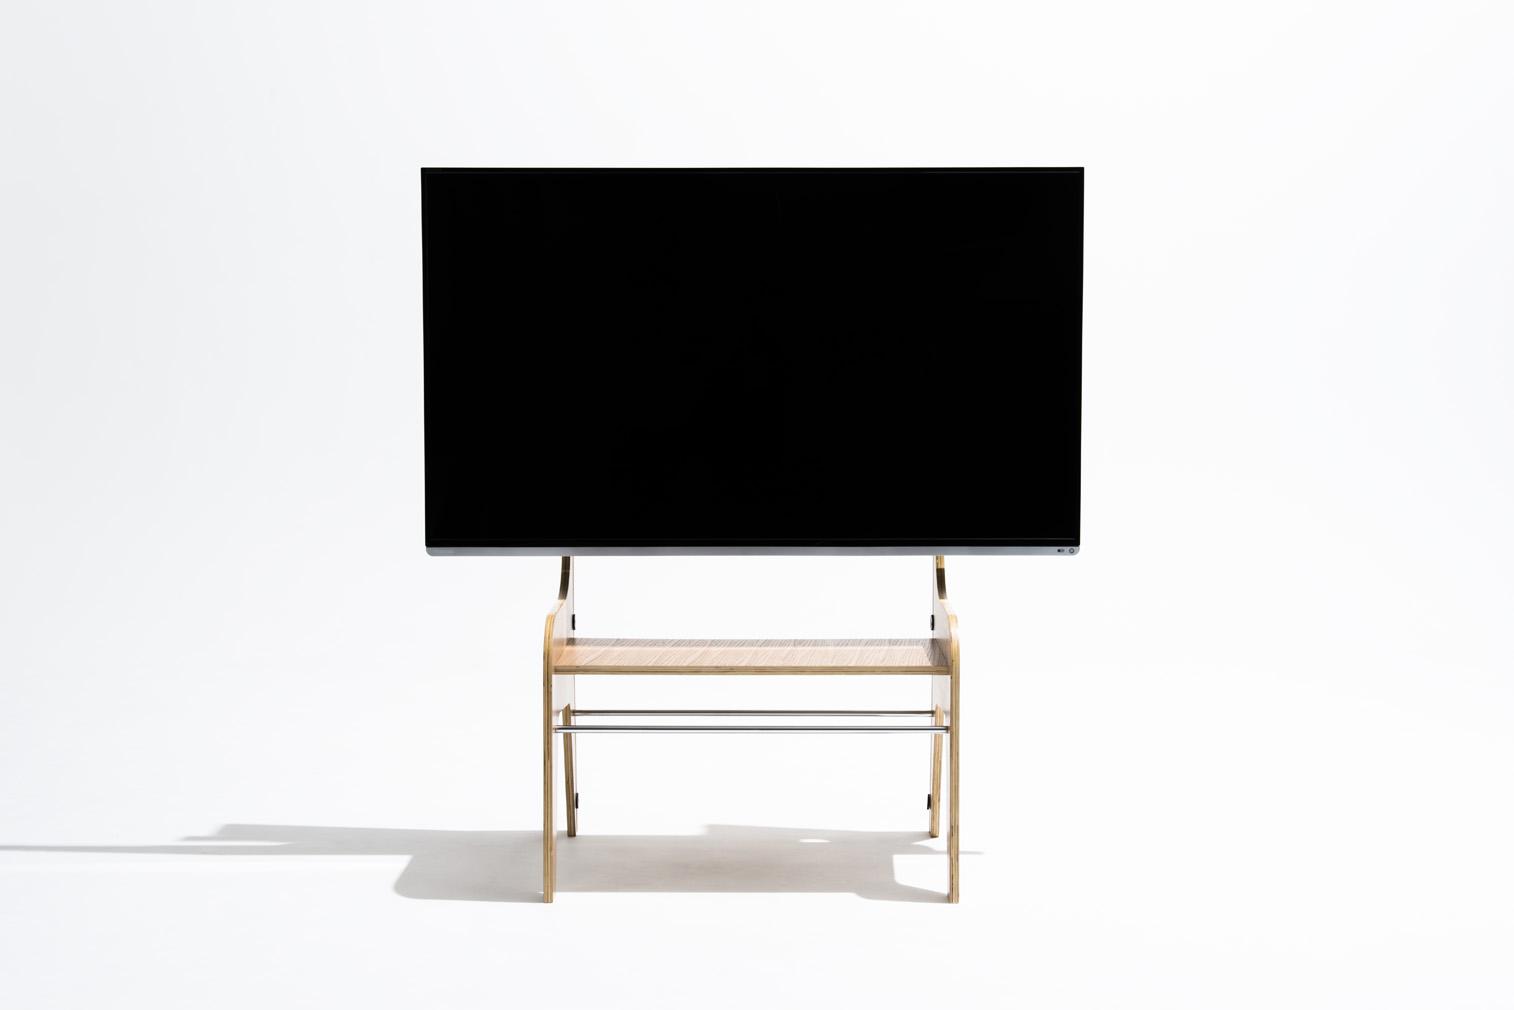 wood-TV-stand-FSW-zeitgeist-midcentury-modern-design-wTV-front